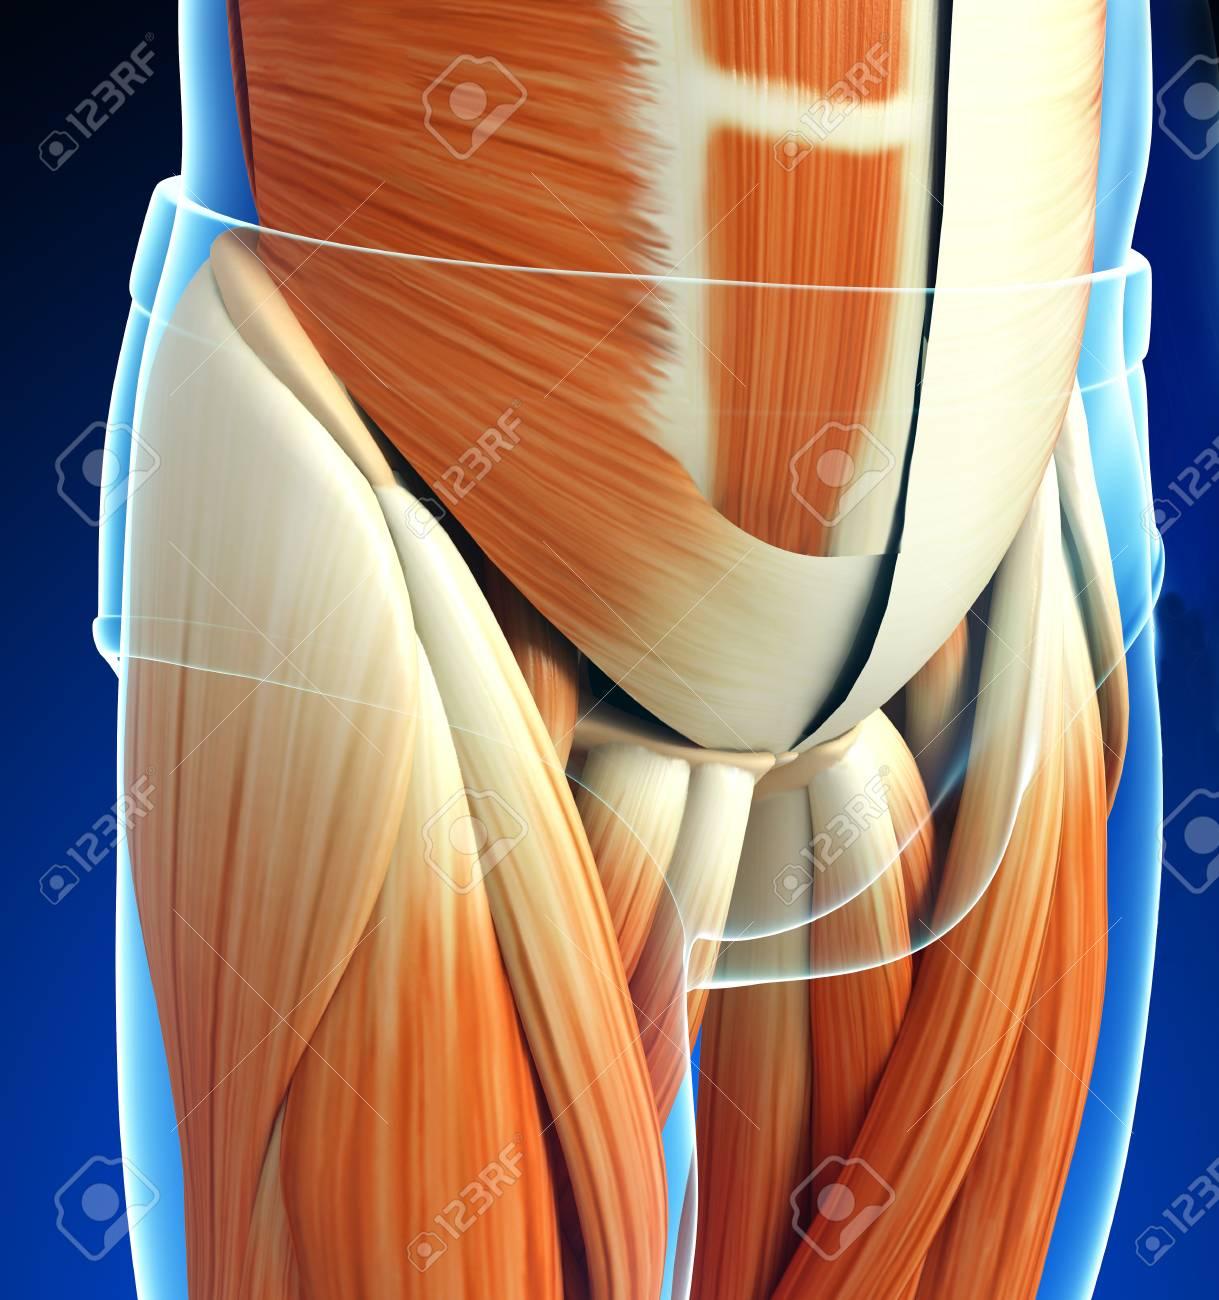 3D Gerenderten Bild Der Beckengürtel Anatomie Lizenzfreie Fotos ...